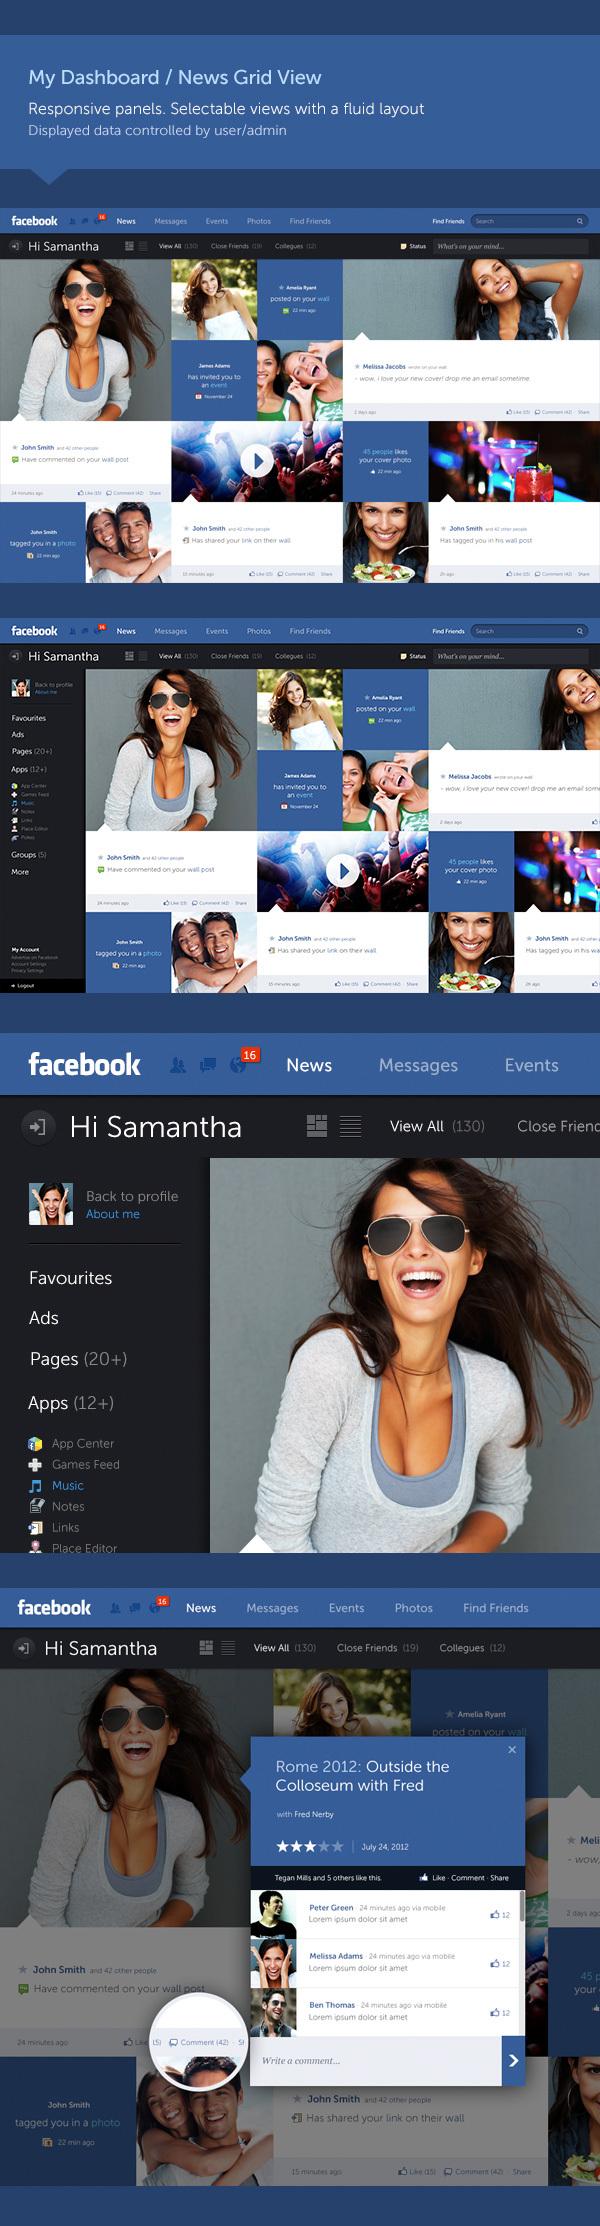 concepto de diseño facebook 2